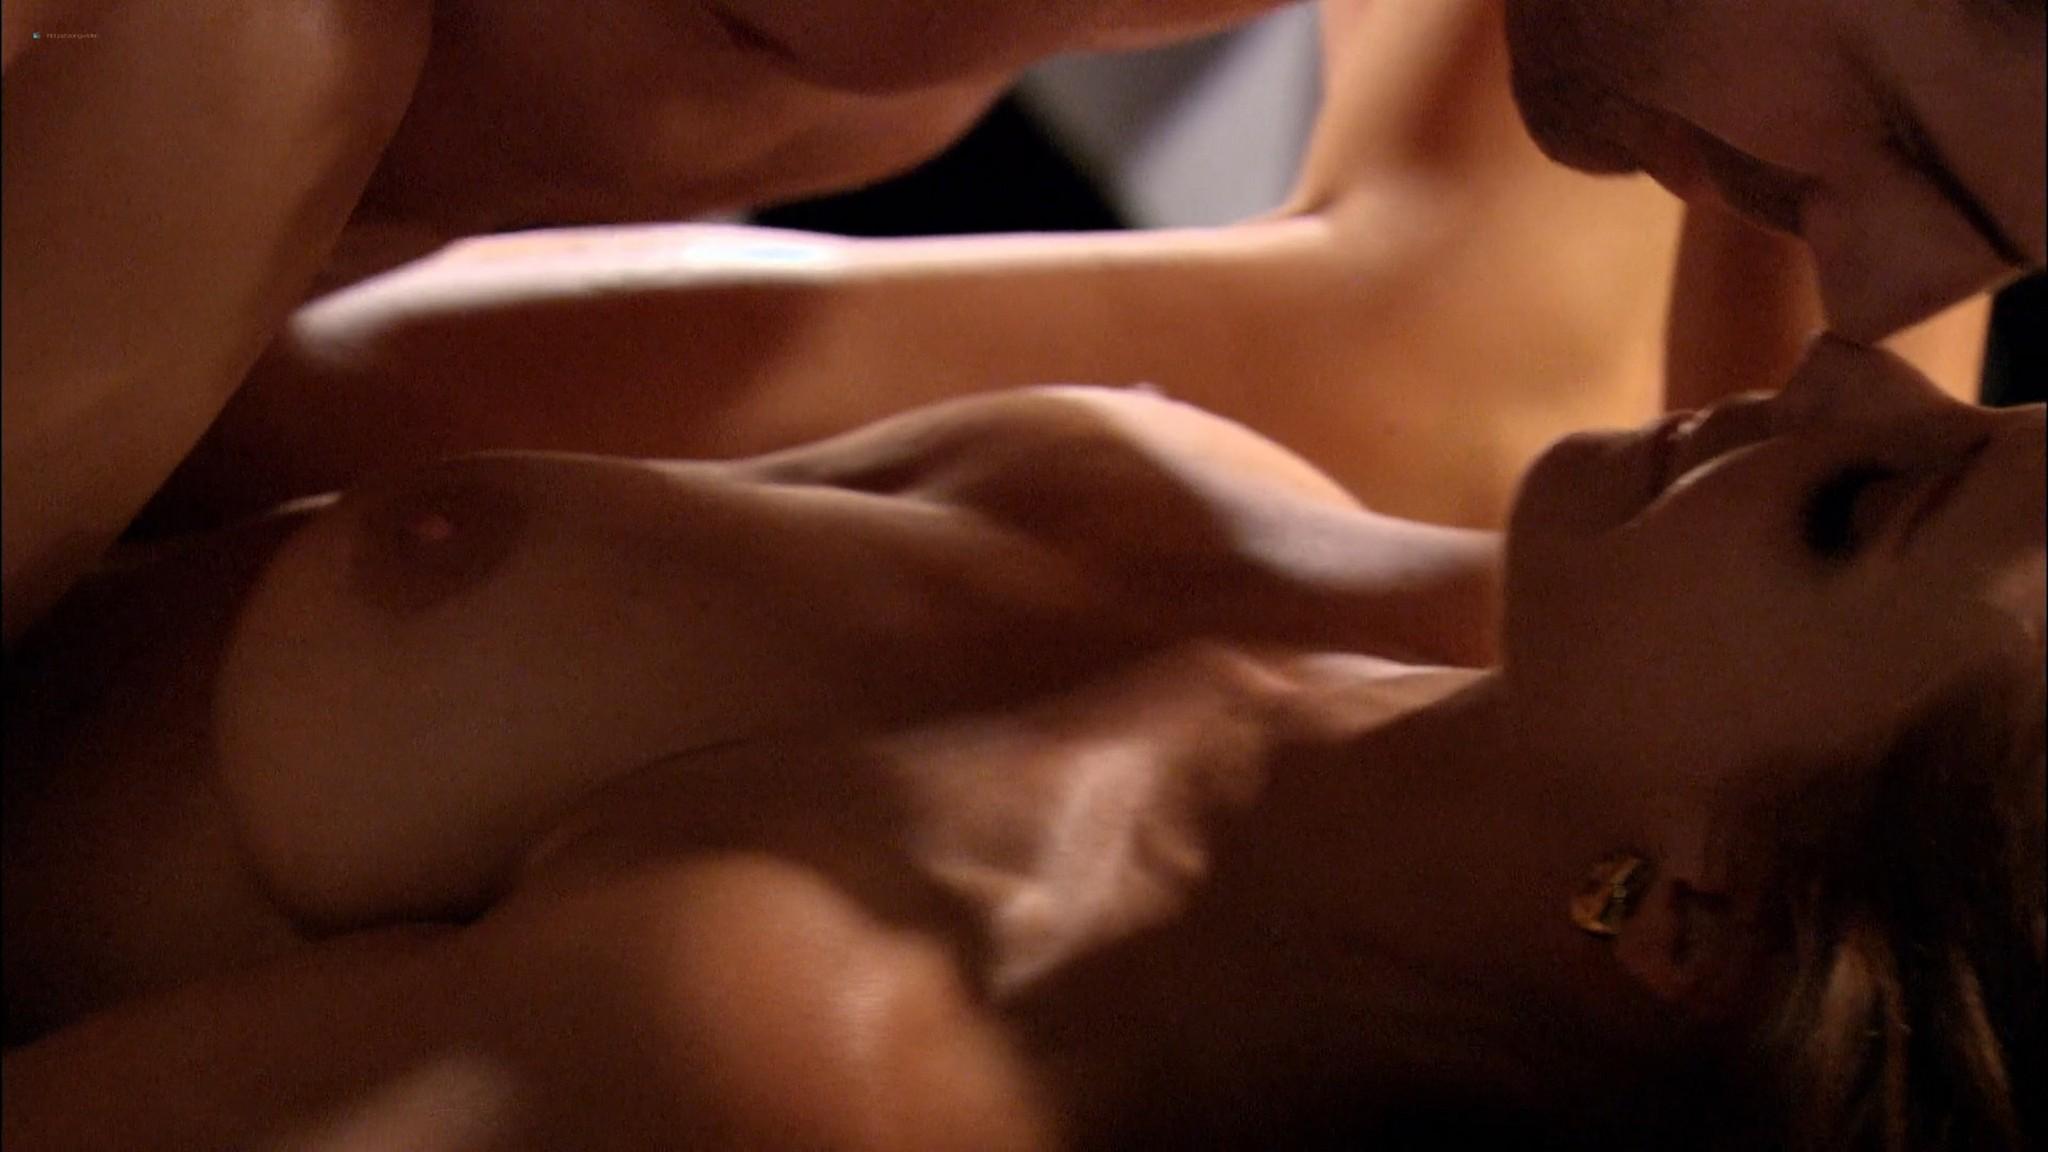 Jennifer Korbin nude hot sex Noelle DuBois Jessica Vandenberg nude sex too Lingerie 2009 s2e13 1080p 13